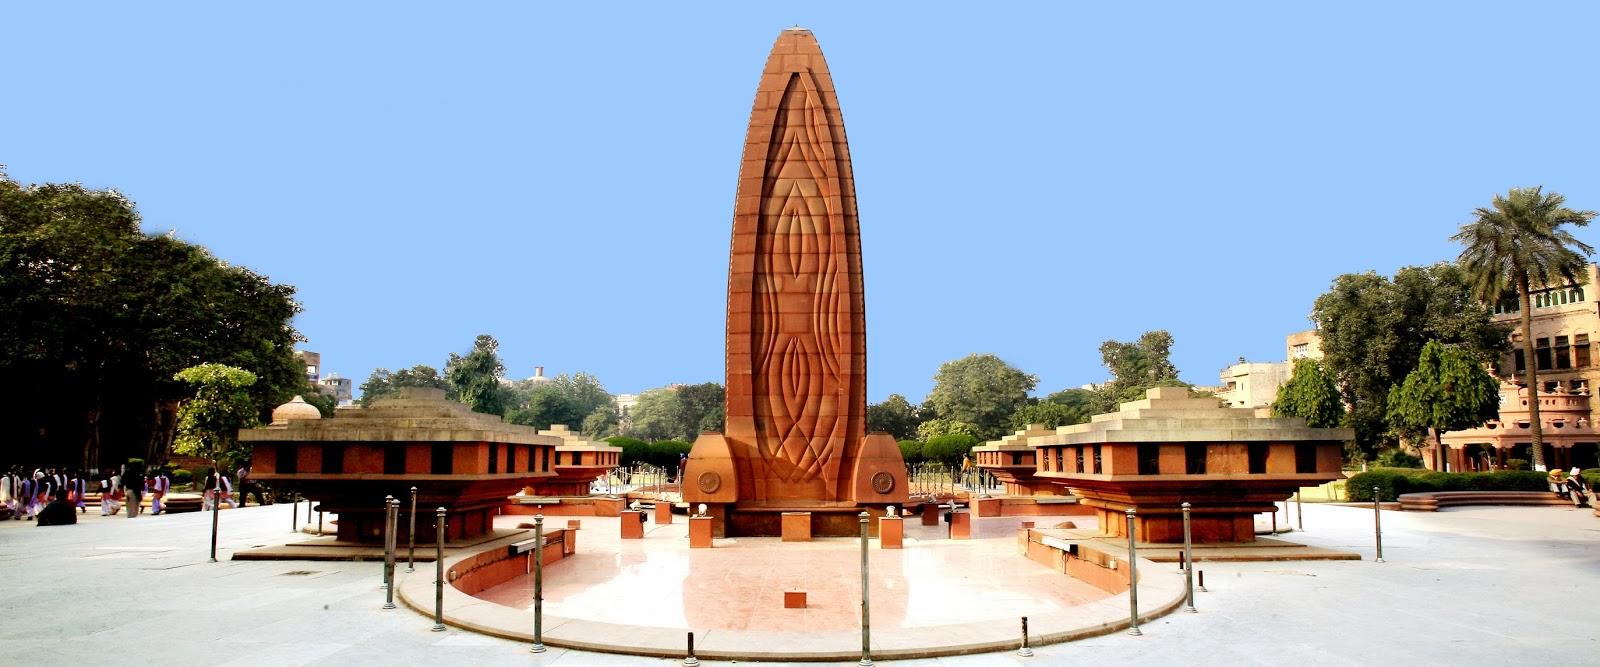 jallianwala bagh war memorial